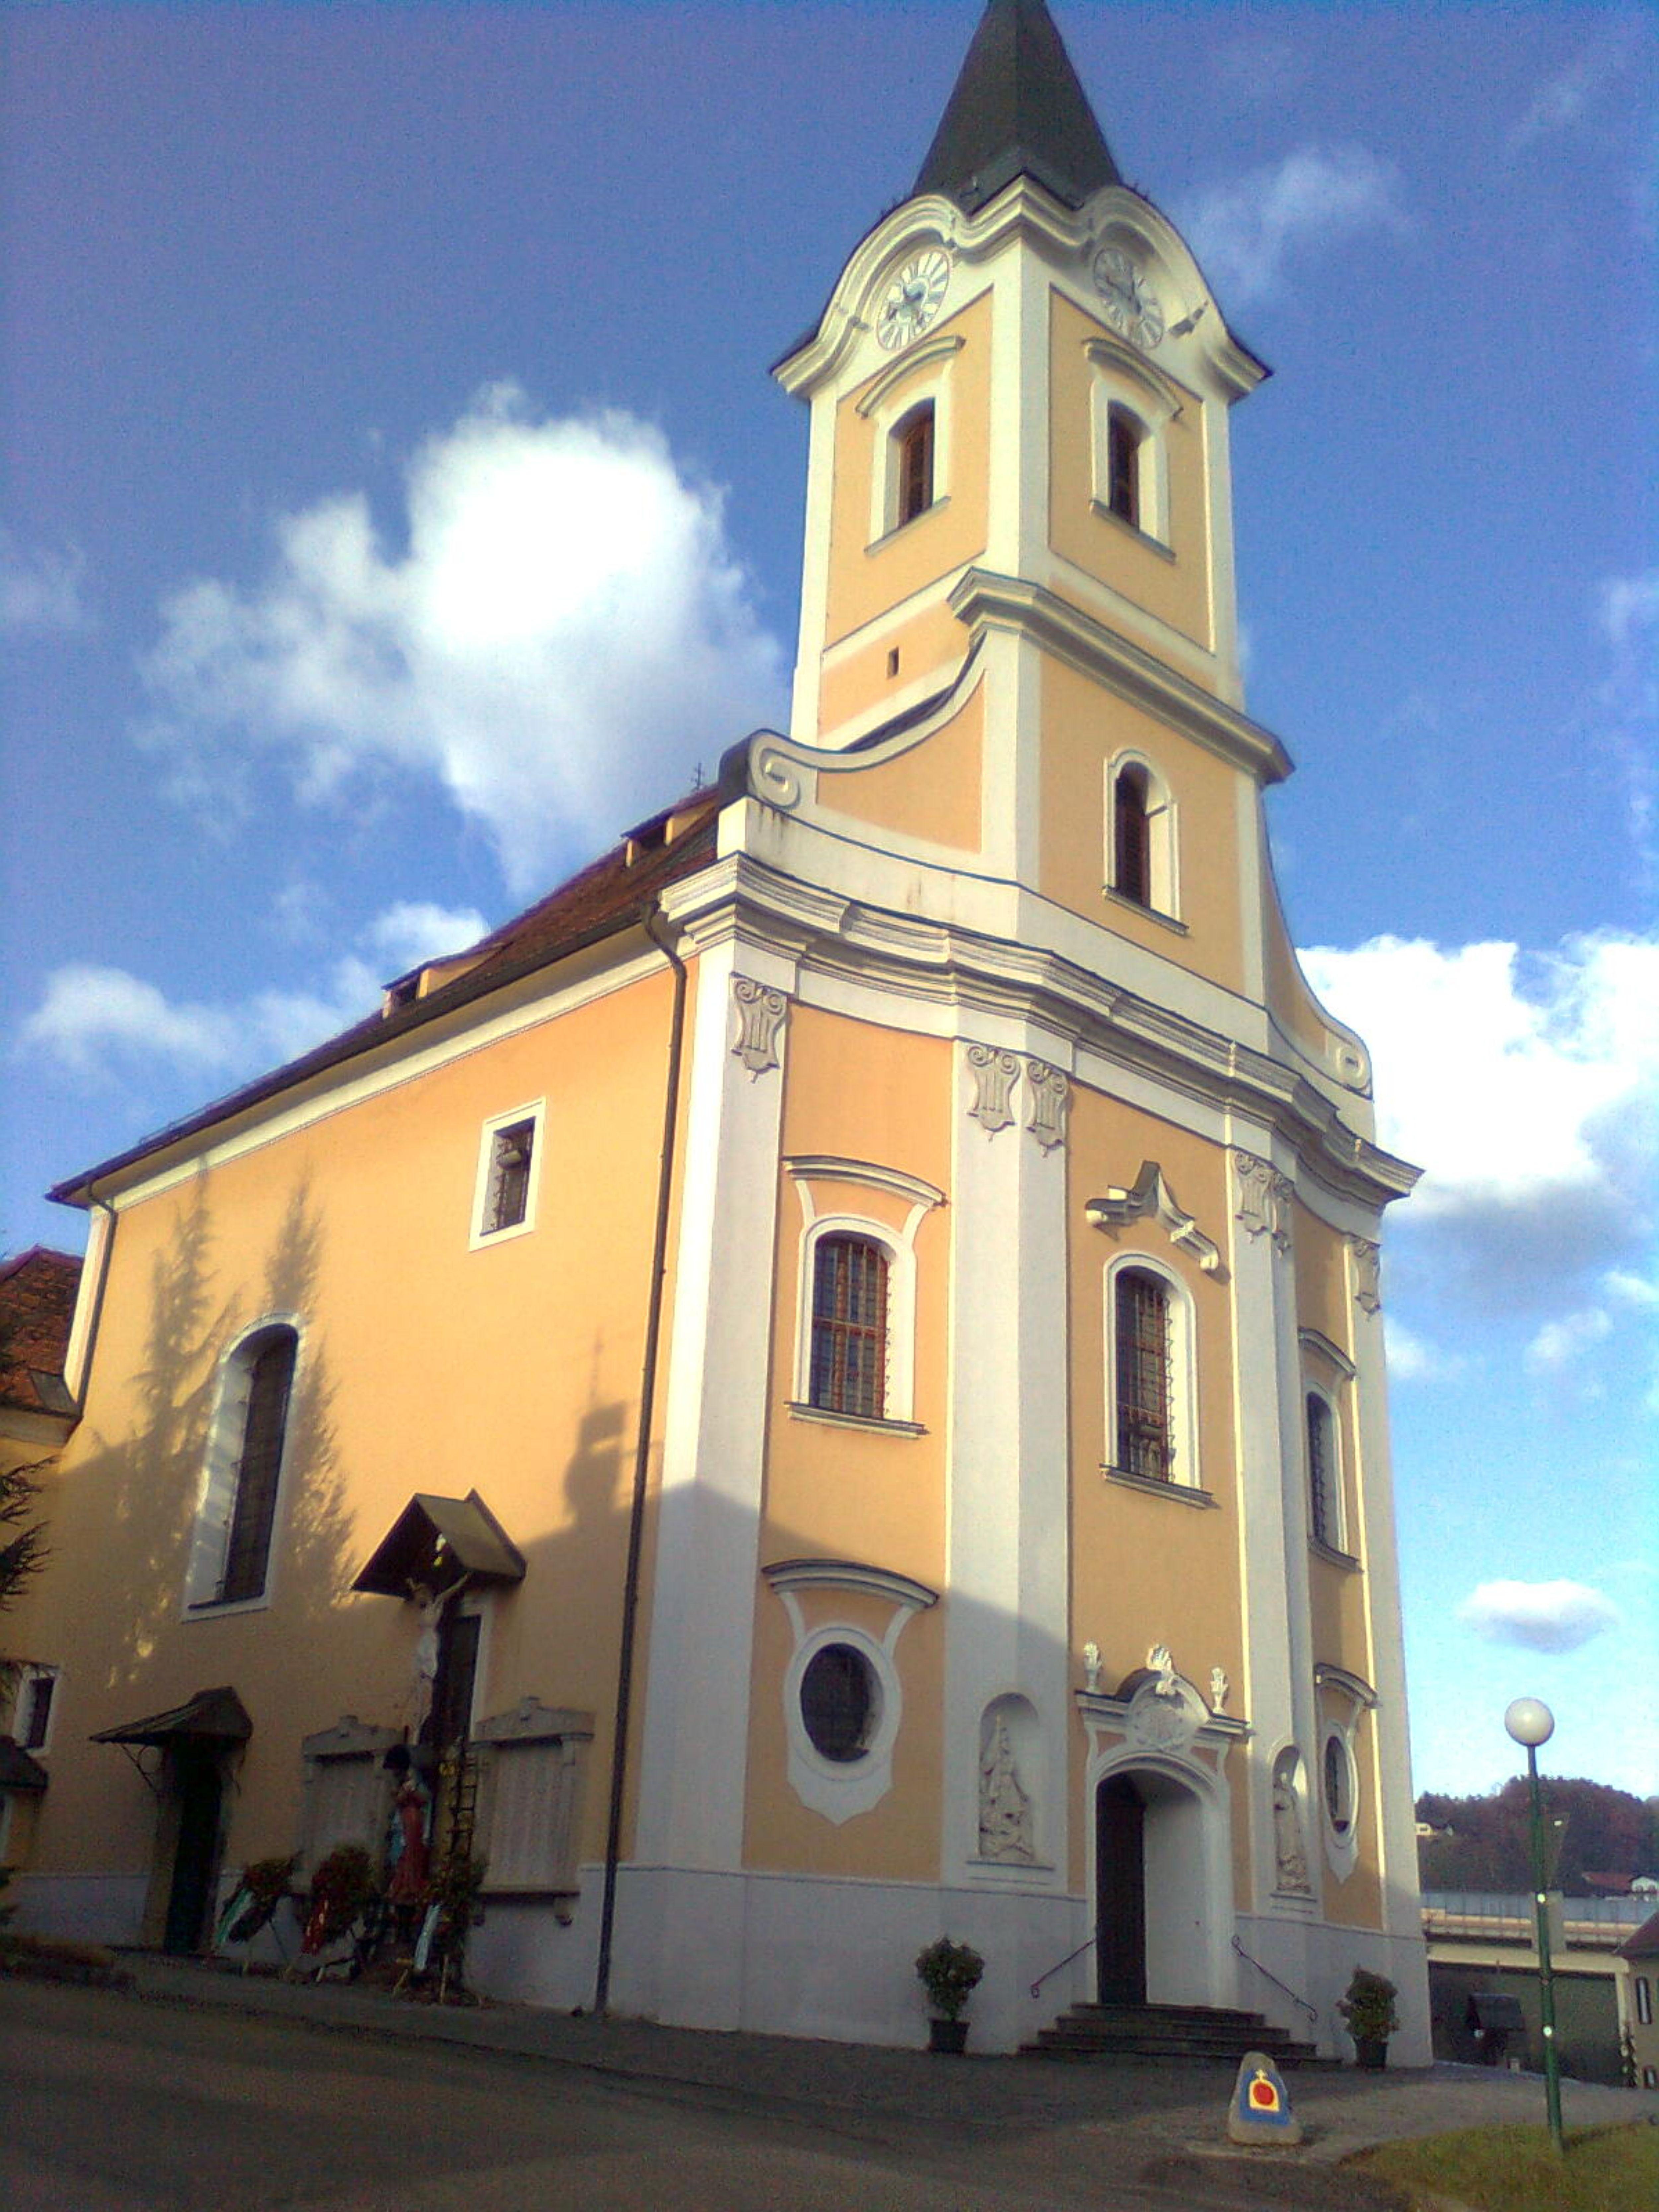 Musikkapelle Nestelbach bei Graz - Publicaciones | Facebook